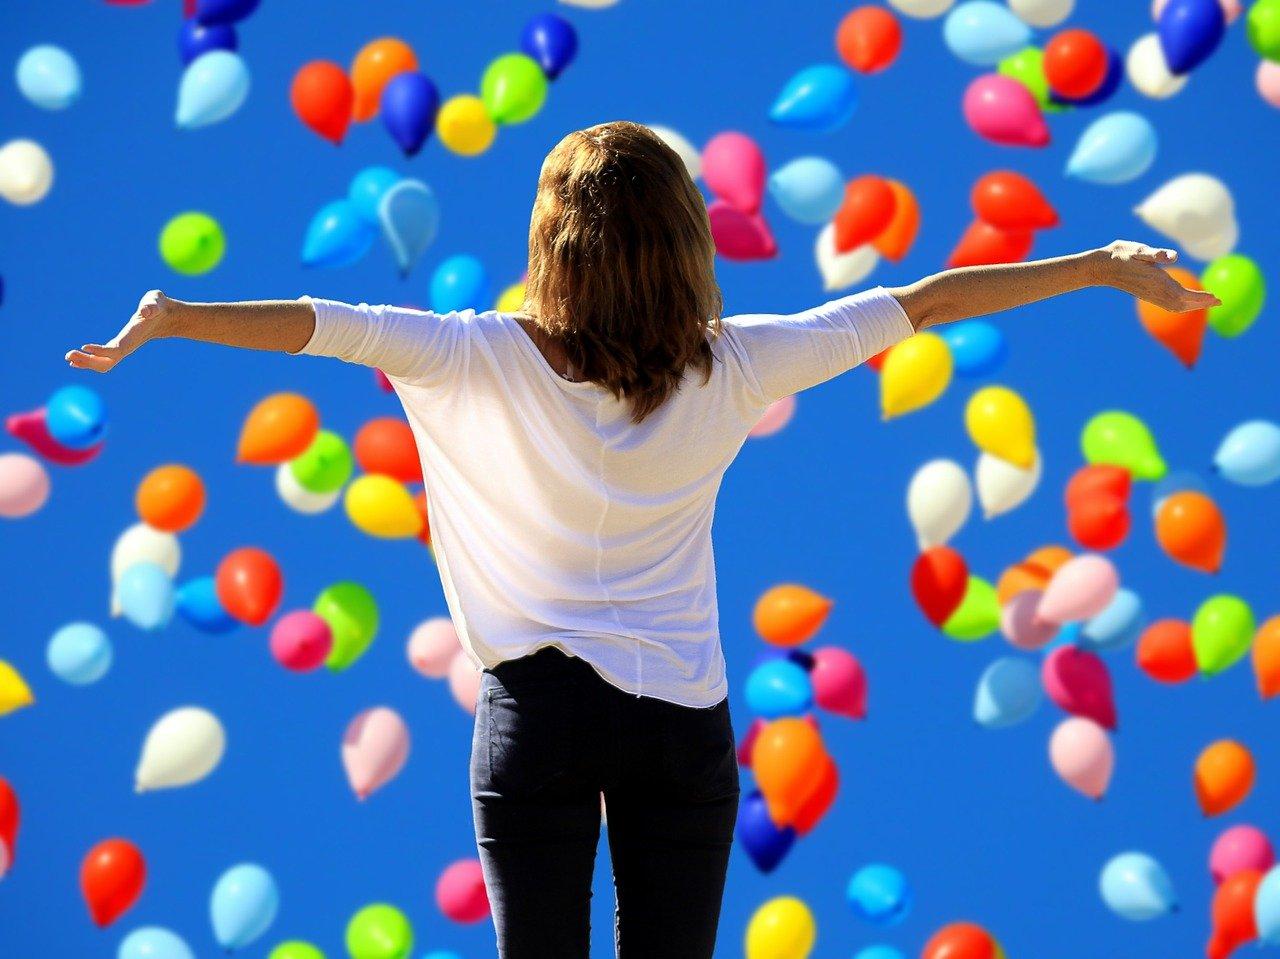 空を舞う風船と後姿の女性